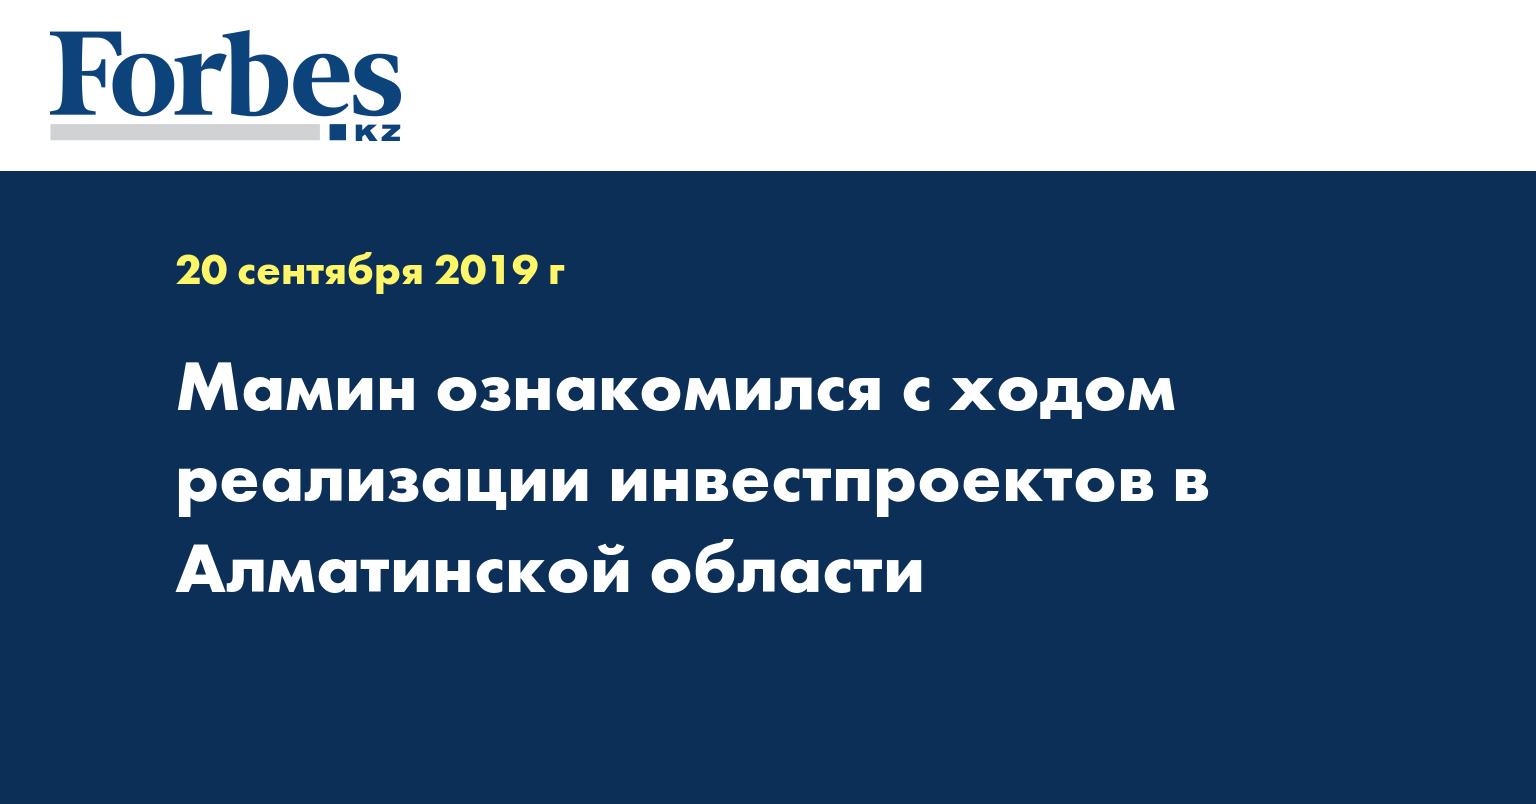 Мамин ознакомился с ходом реализации инвестпроектов в Алматинской области